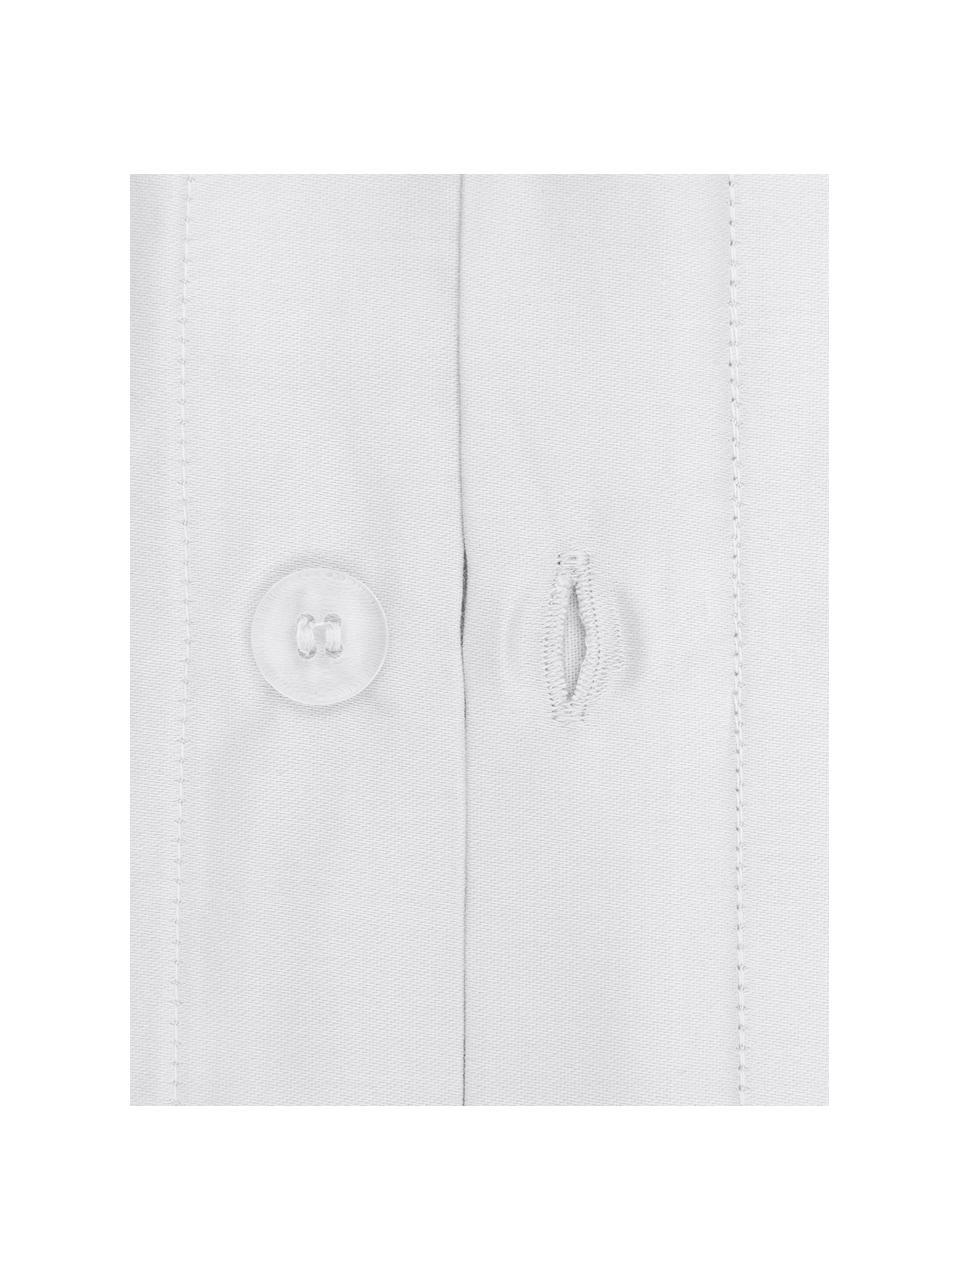 Satin-Kopfkissenbezüge Premium aus Bio-Baumwolle in Hellgrau mit Stehsaum, 2 Stück, Webart: Satin Fadendichte 400 TC,, Hellgrau, 40 x 80 cm